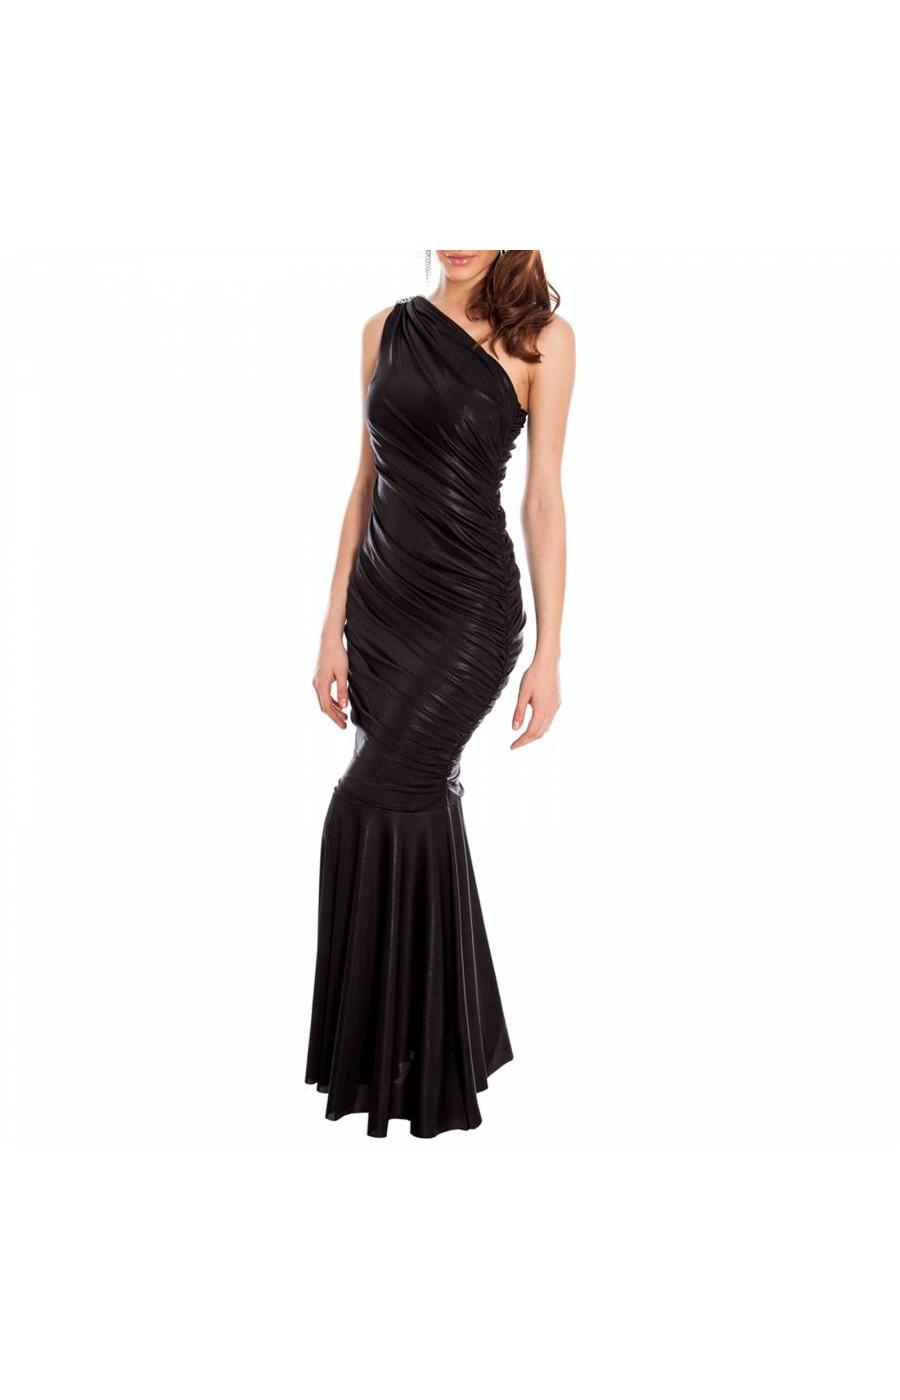 Επίσημο μαυρο φόρεμα με έναν ώμο